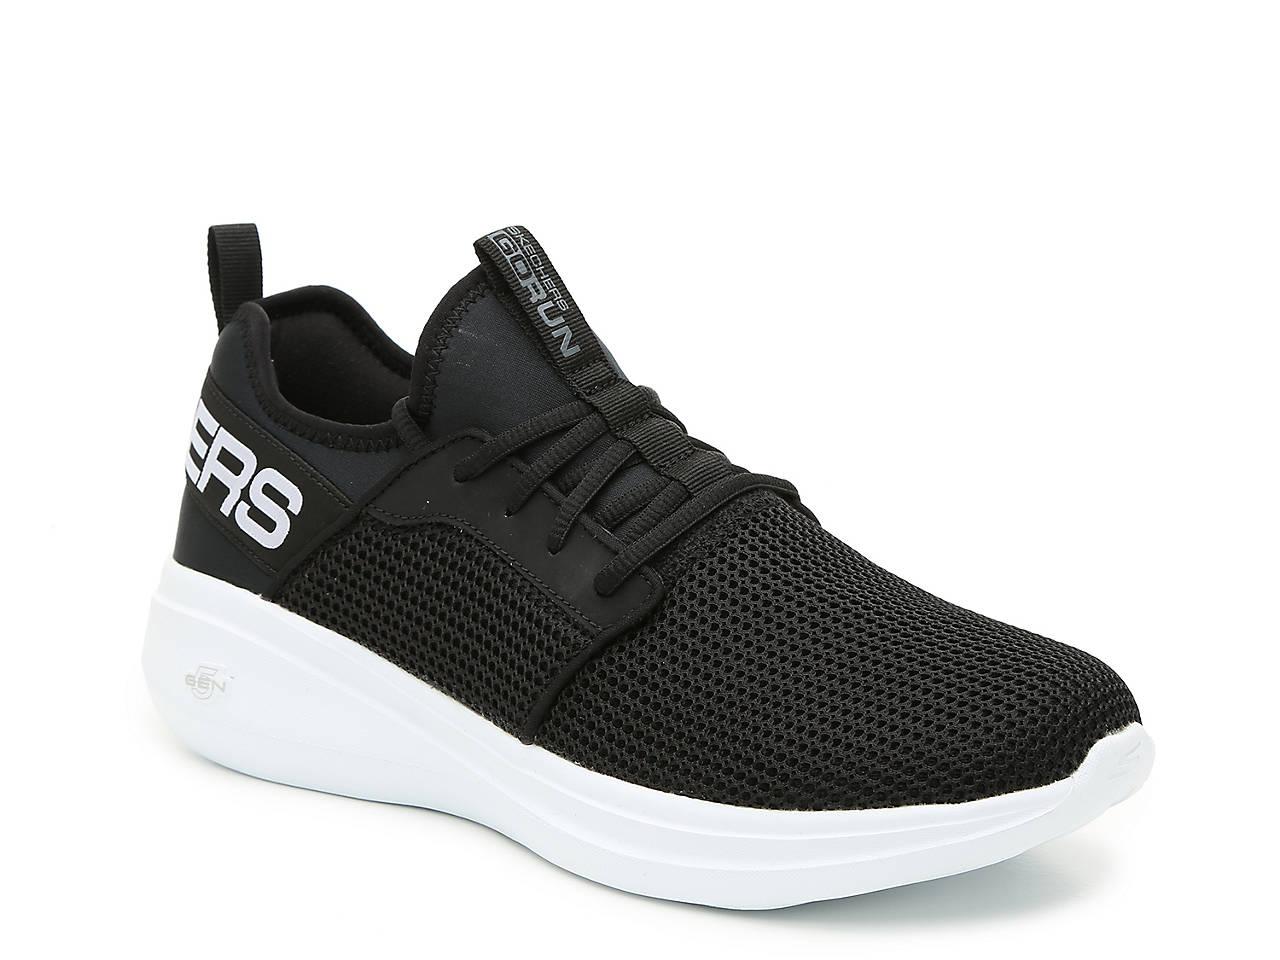 2a5b8fec Skechers GORun Fast Valor Sneaker - Men's Men's Shoes   DSW